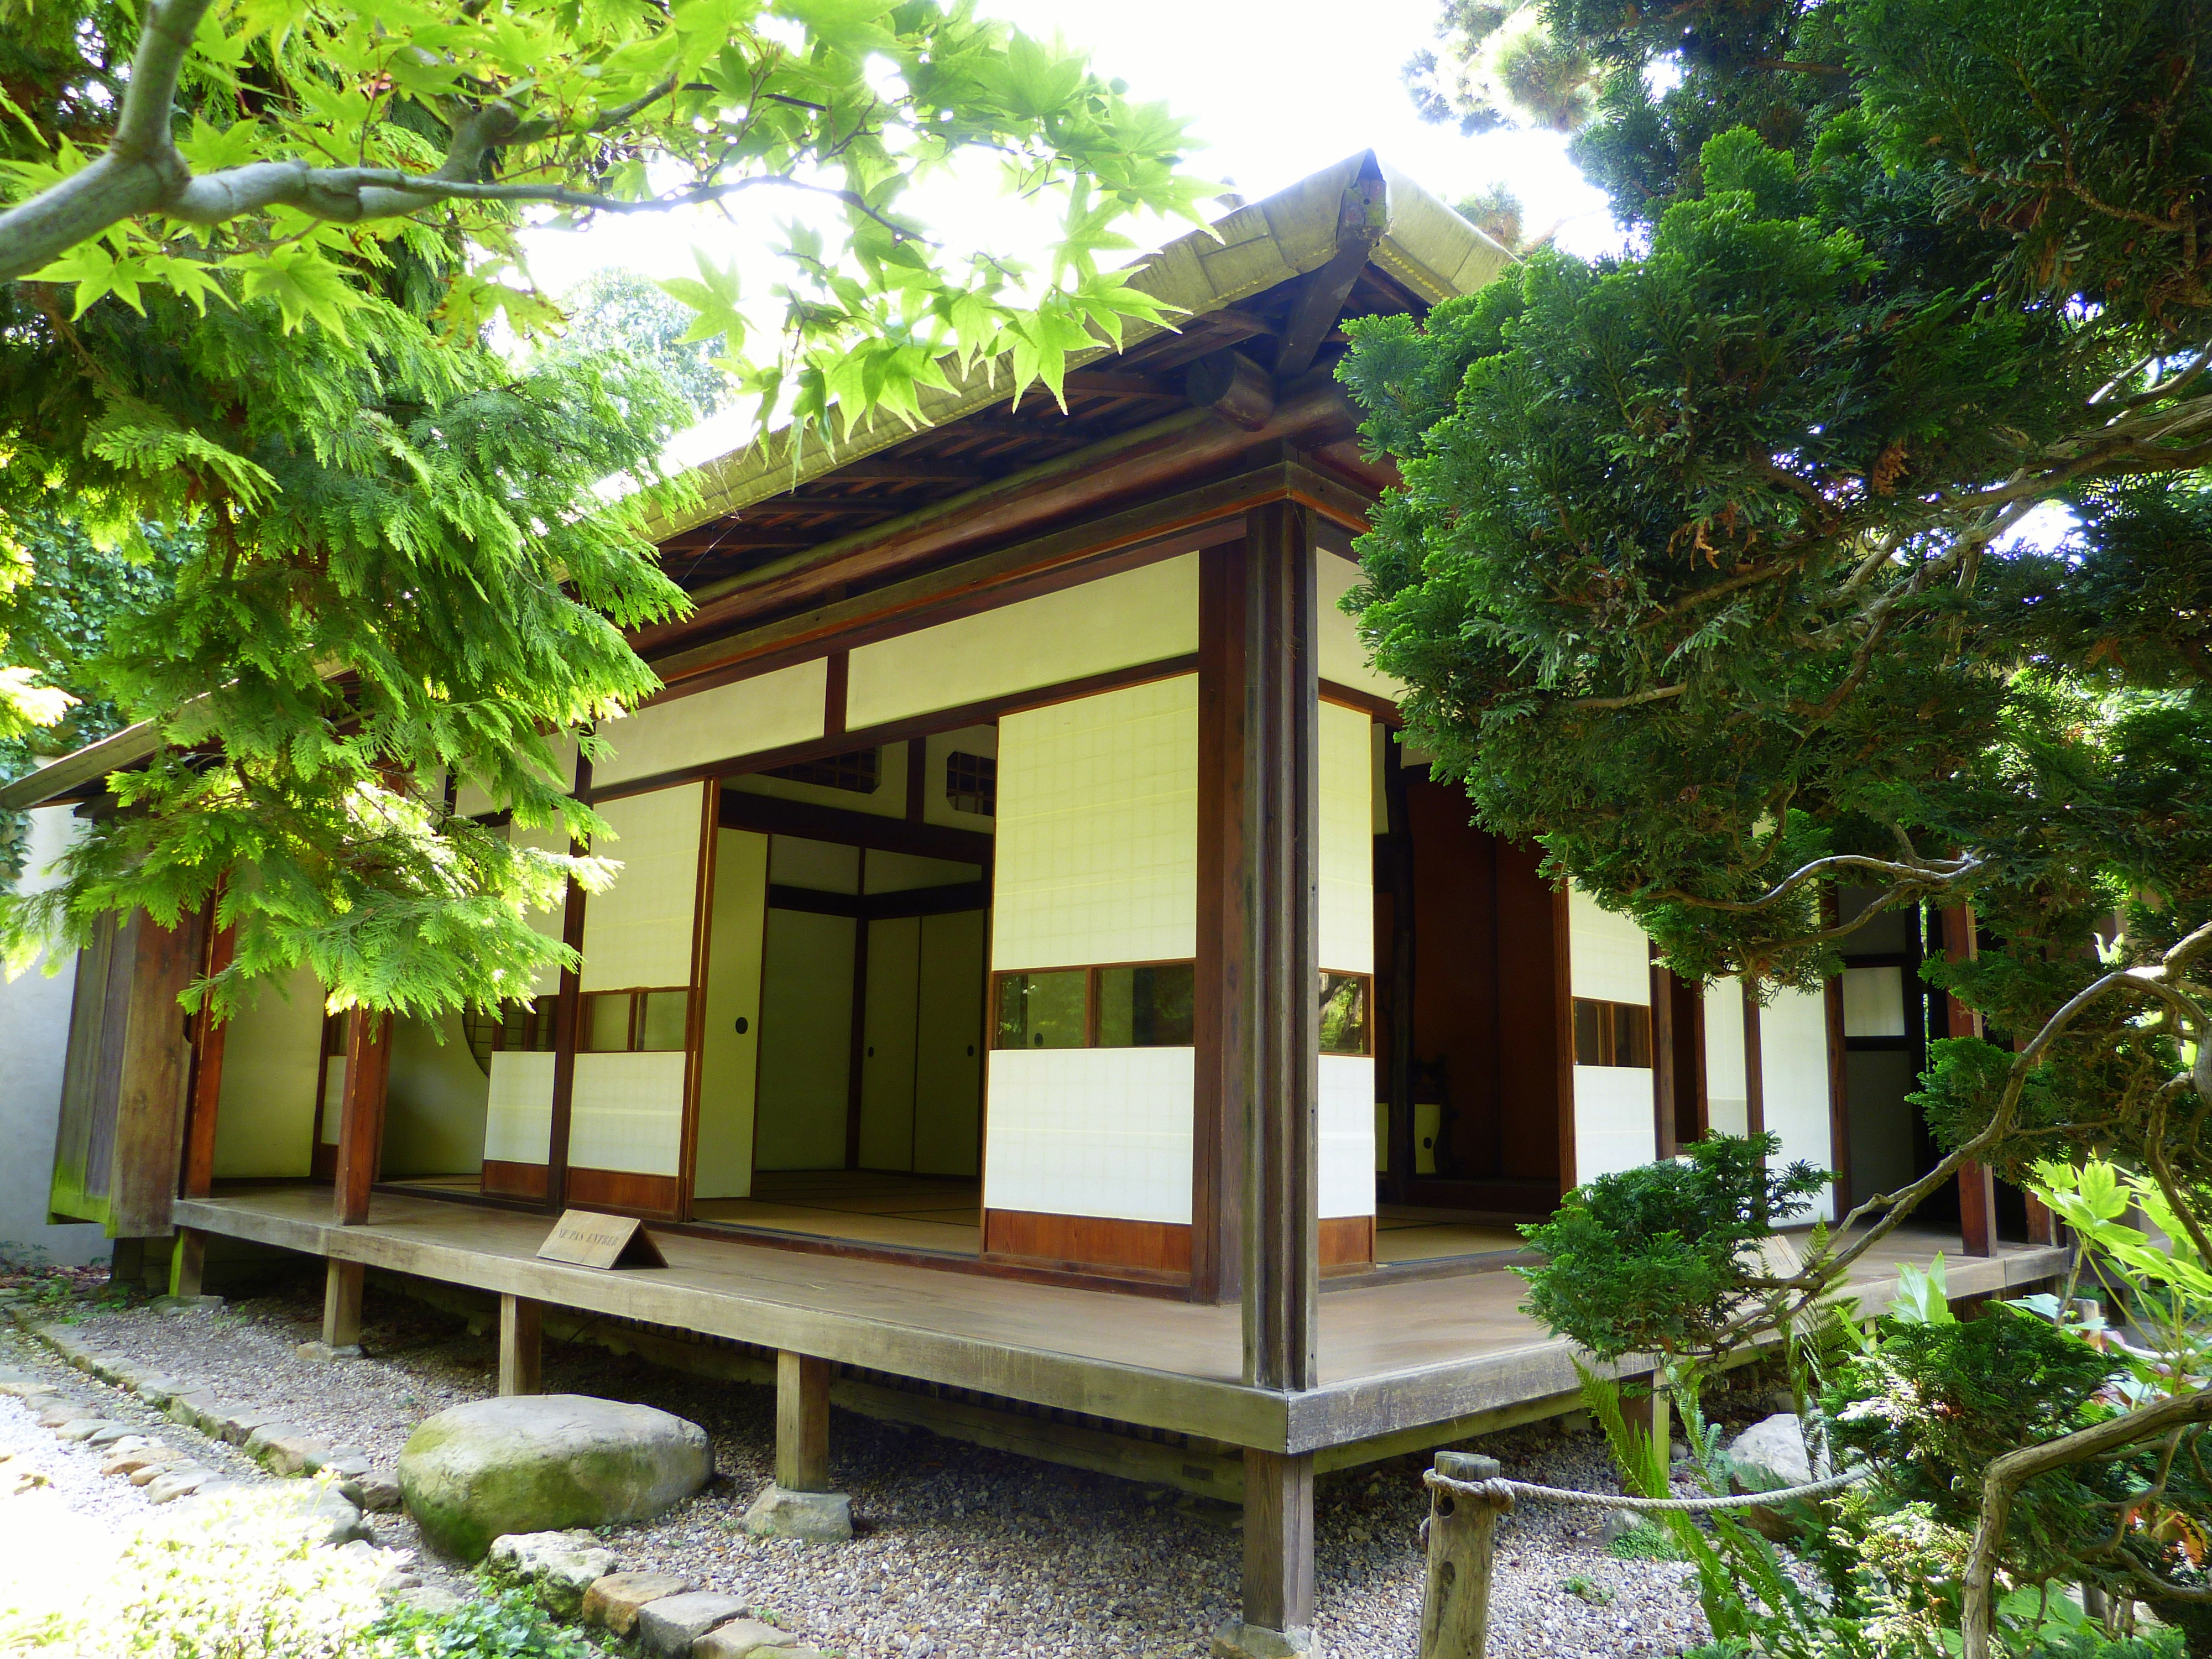 Jardin Maison Japonais Homeofficed Coration Minecraft Japonais De